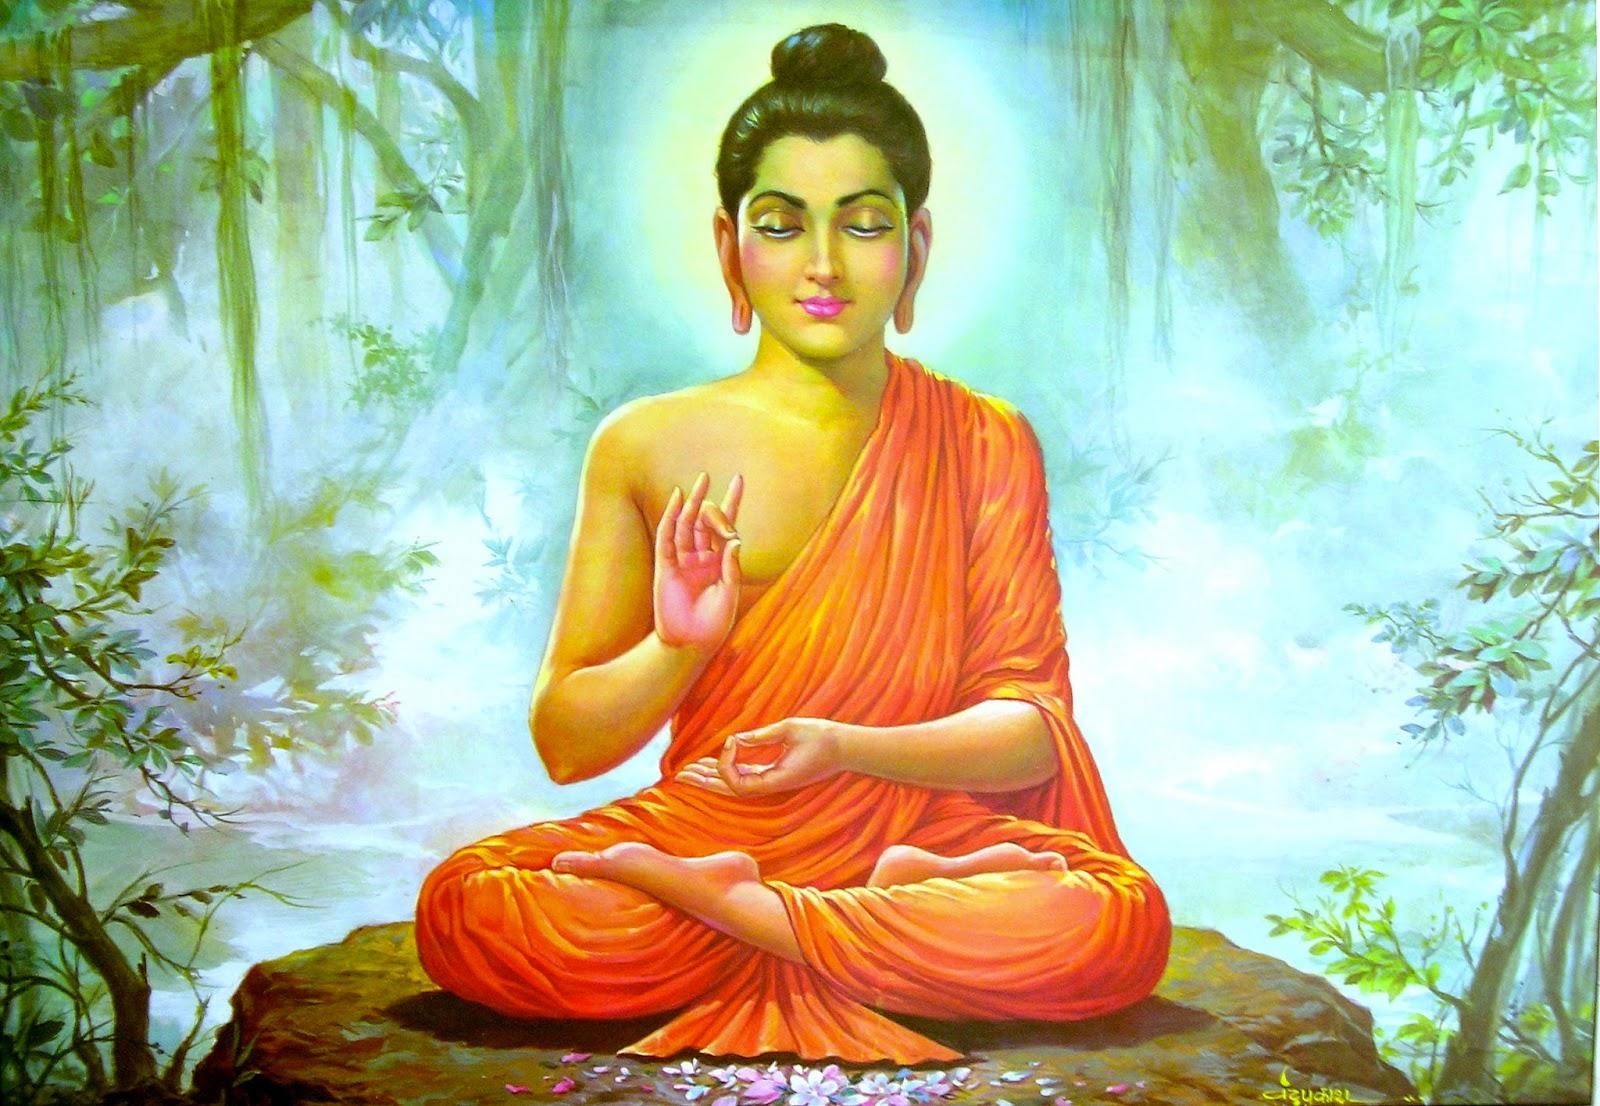 Tượng Phật ngồi thiền bên thiên nhiên tuyệt đẹp